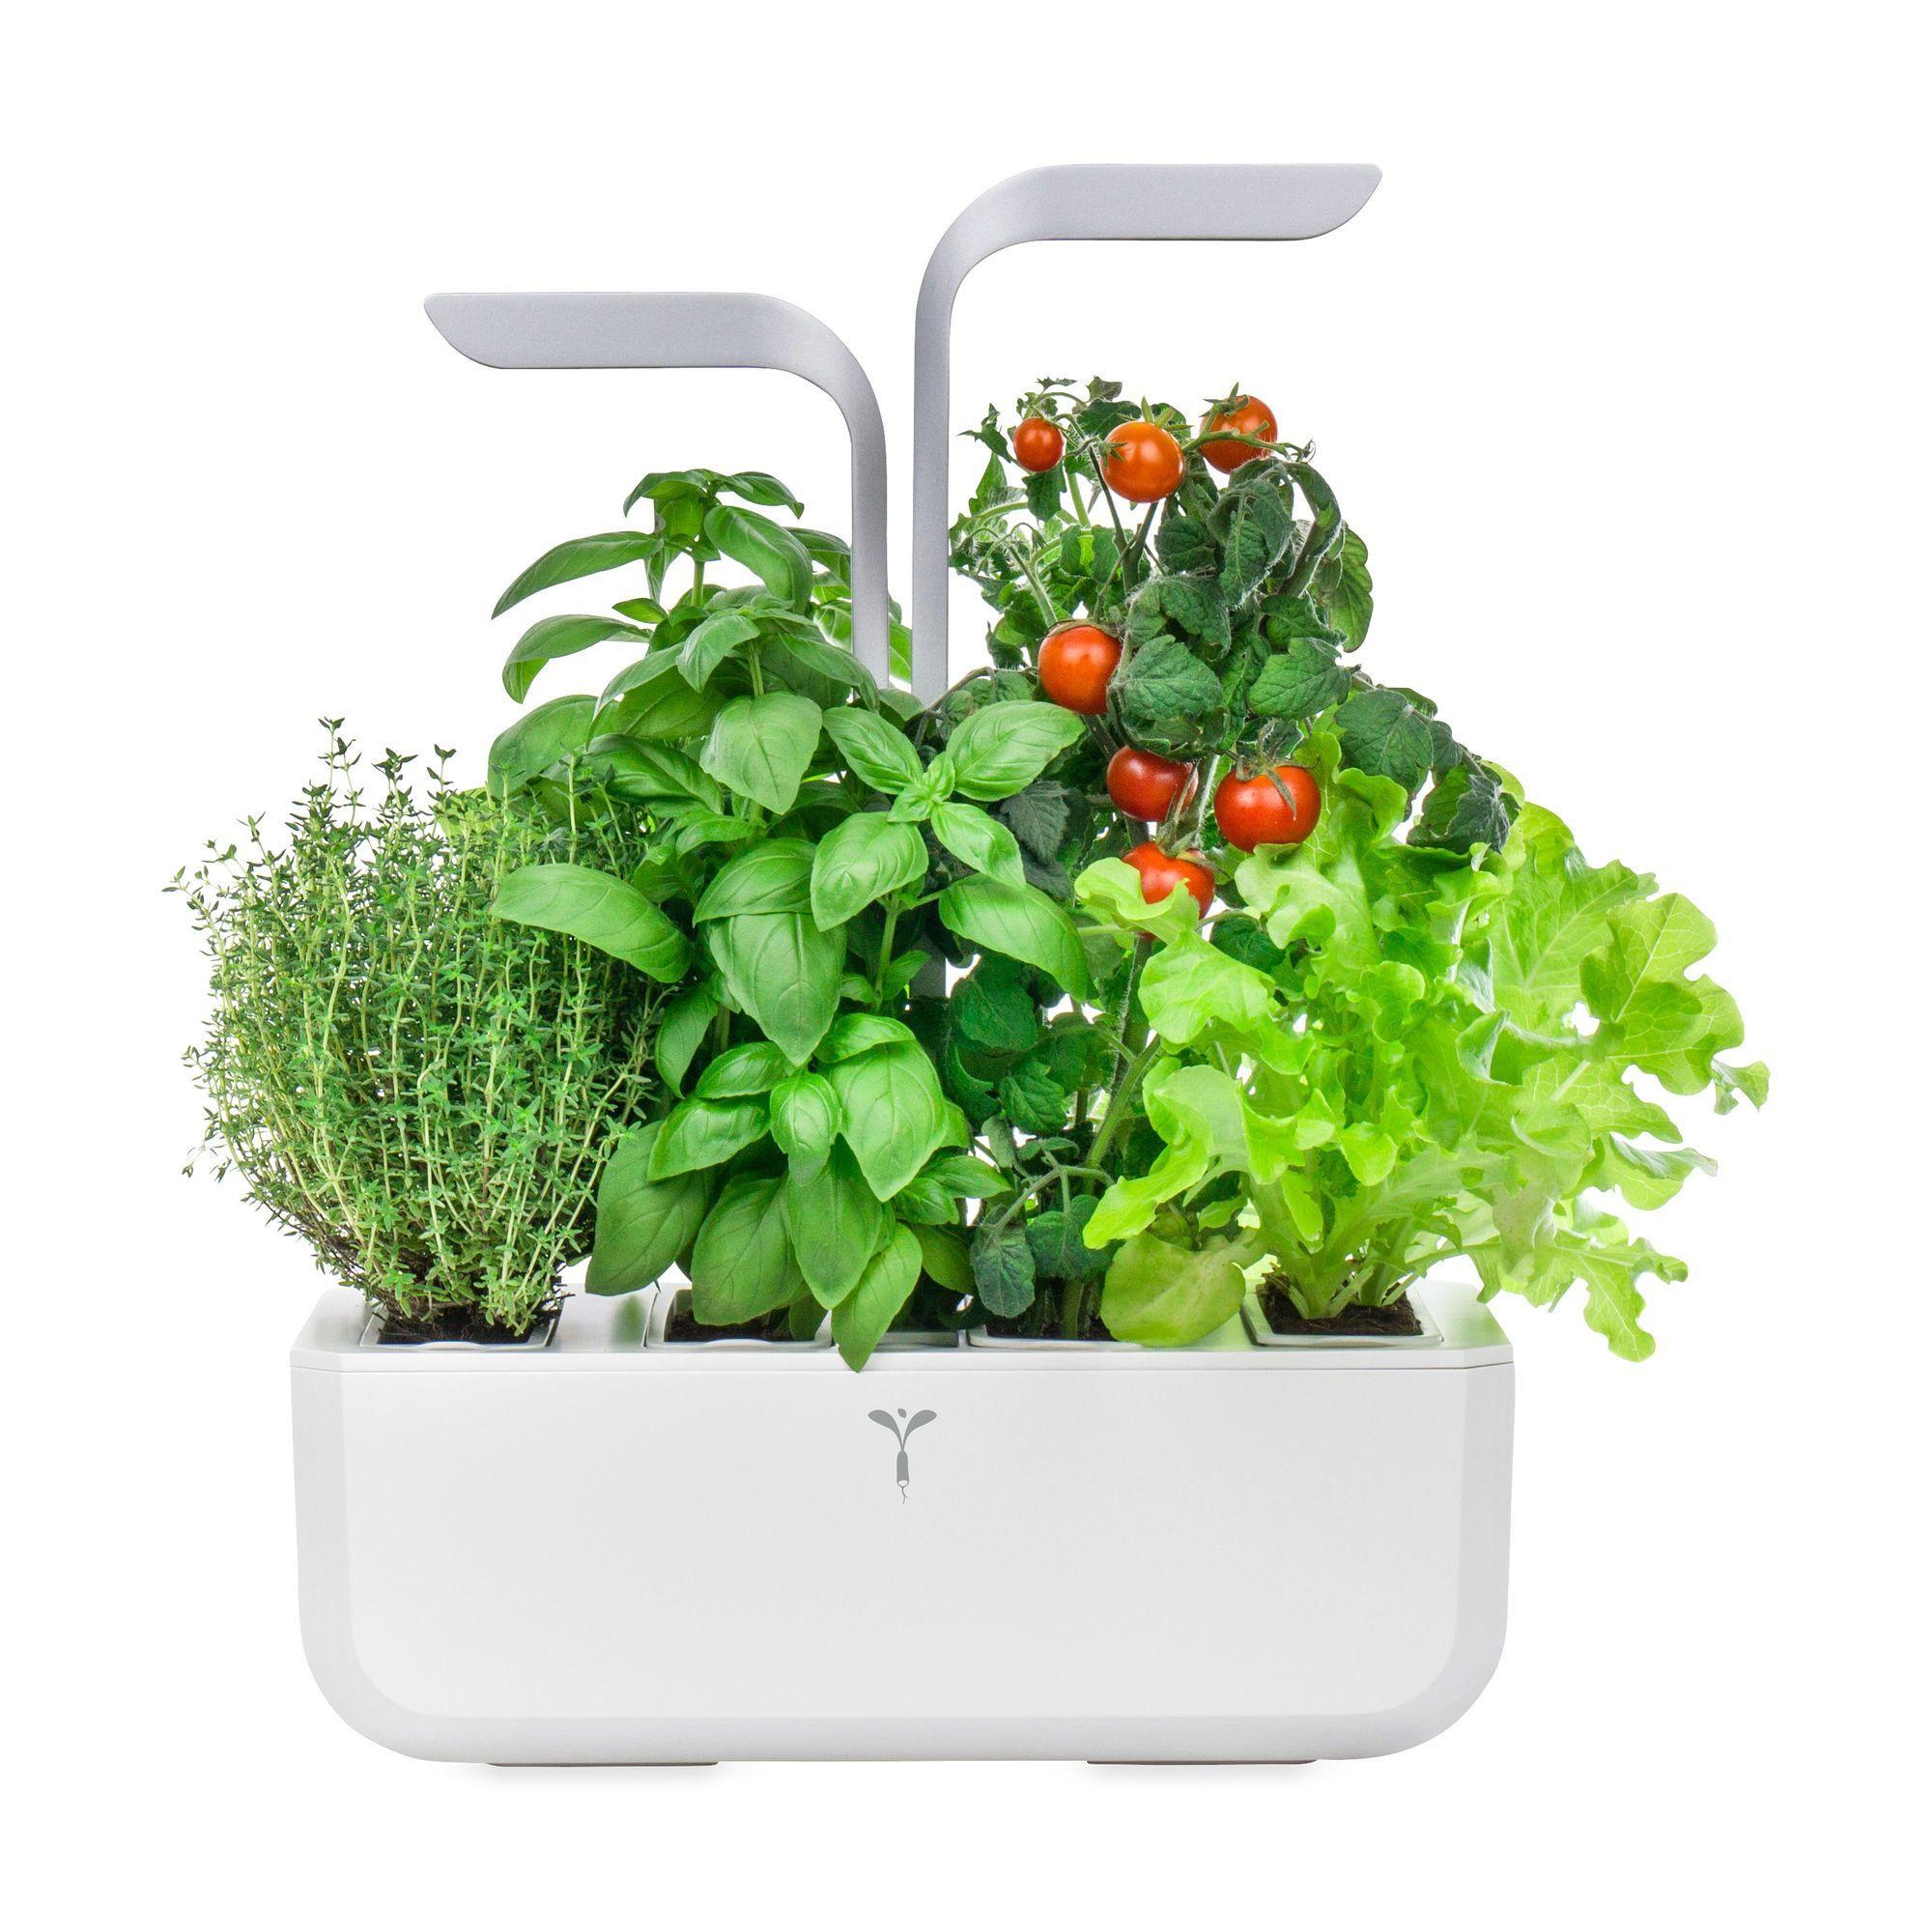 Veritable® Smart Indoor Garden In Color Indoorgardening 400 x 300